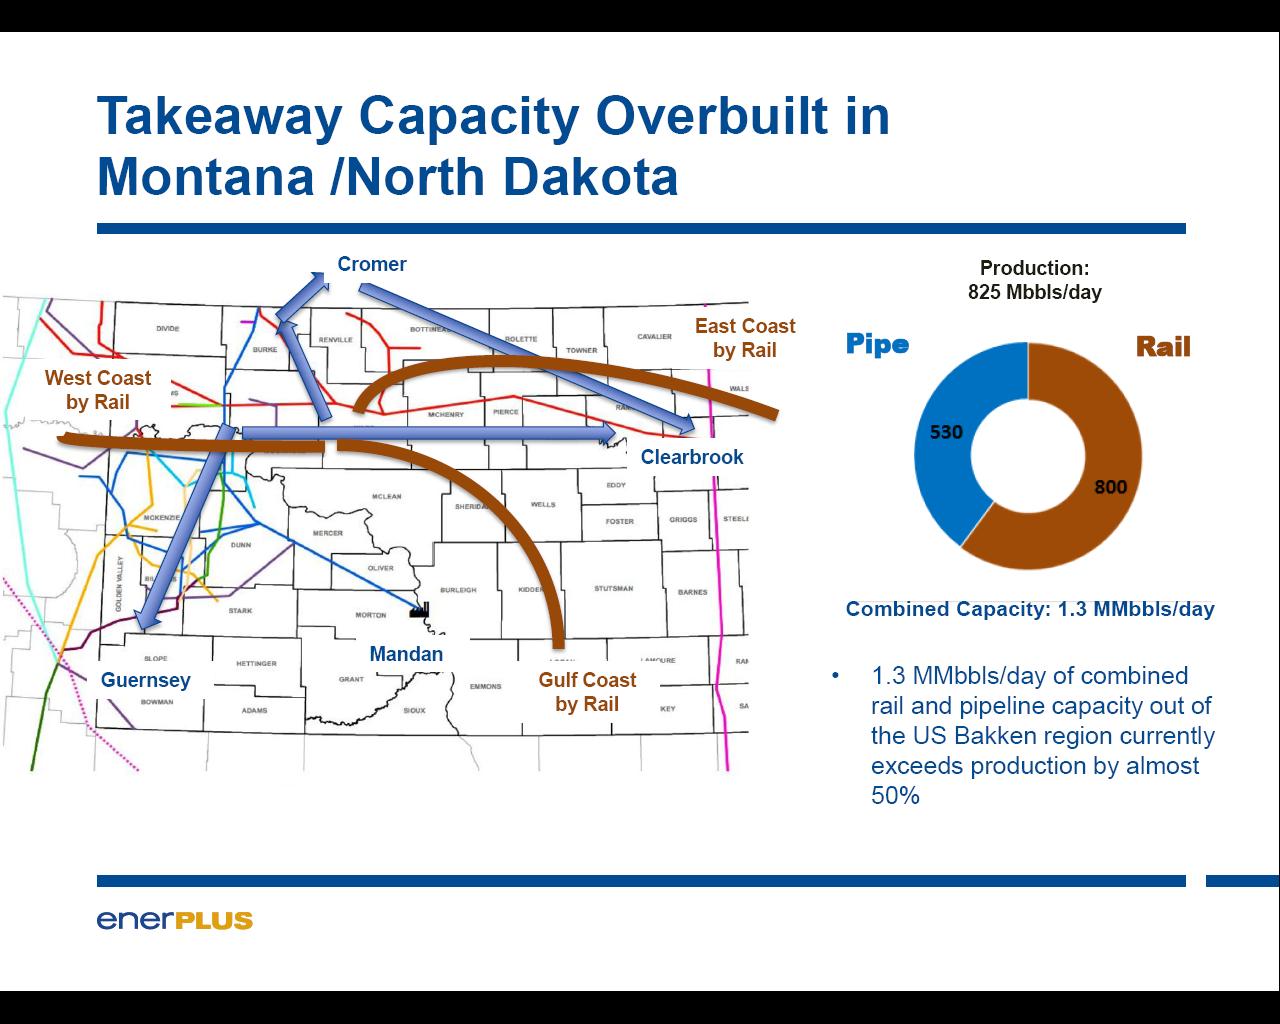 Keystone-XL Pipeline: Delayed So Long It No Longer Matters